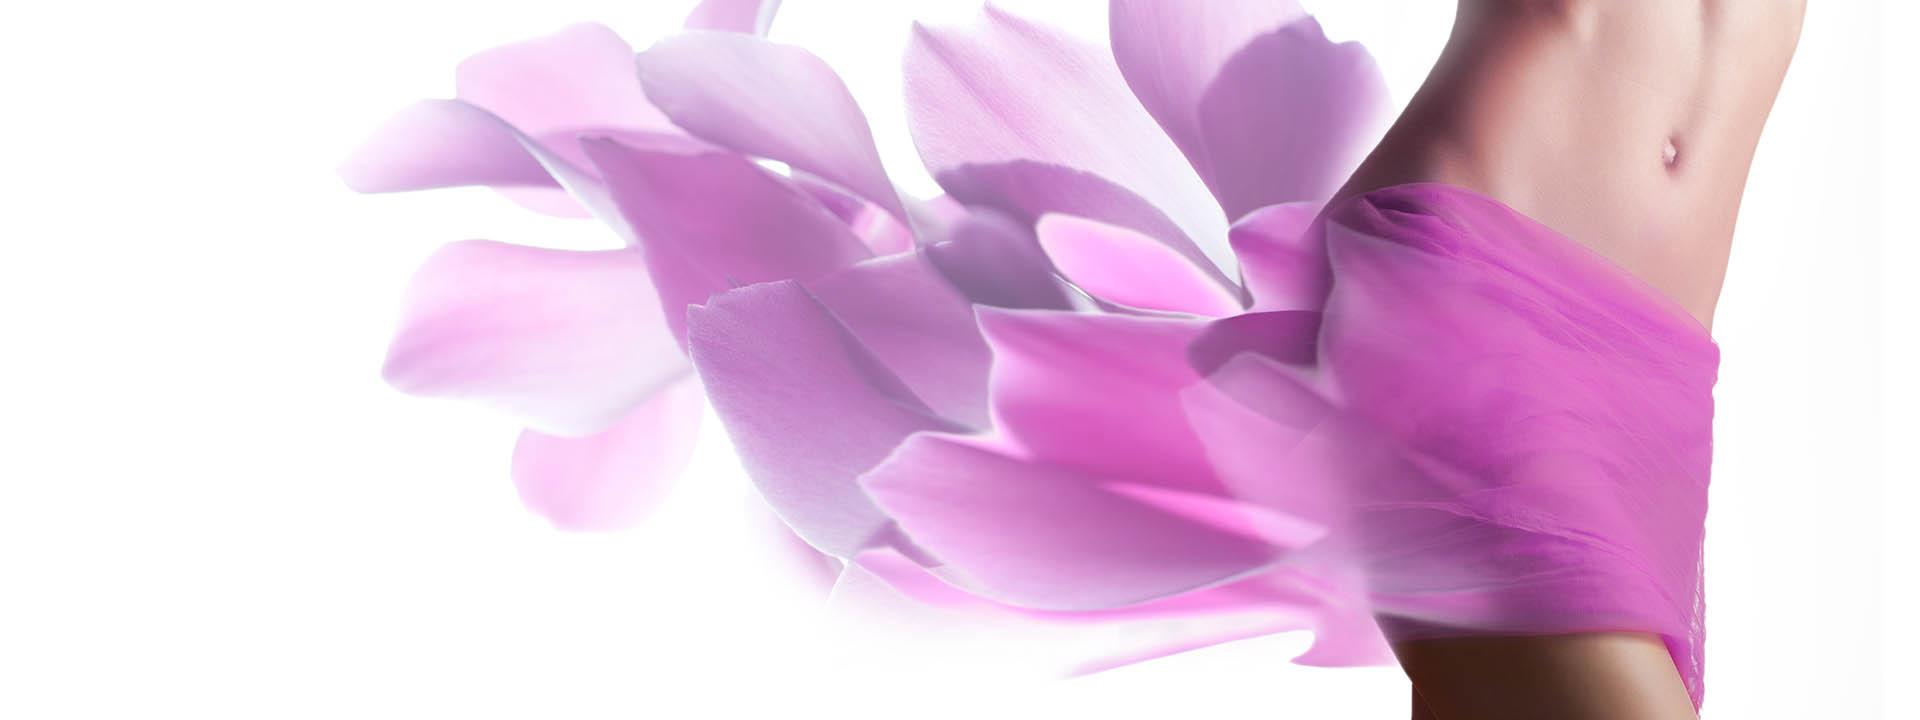 زیباسازی واژن و راههای چاق شدن واژن